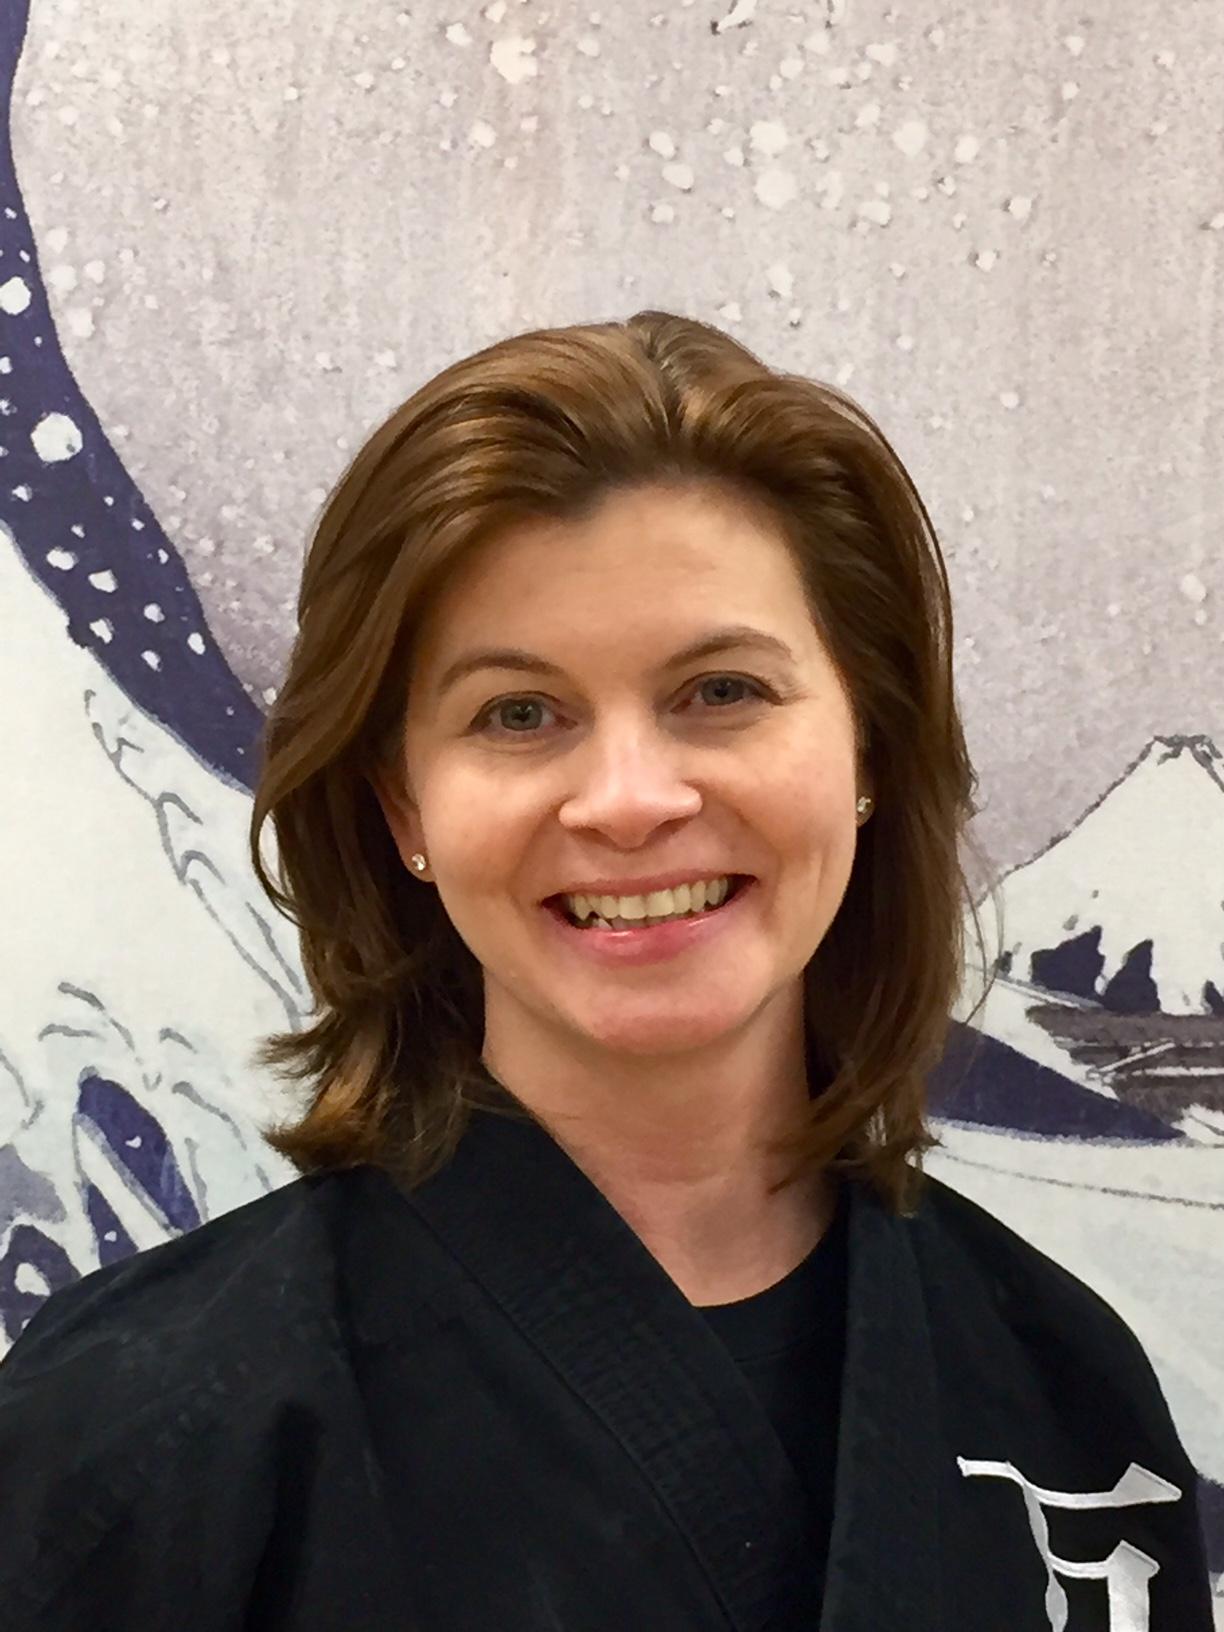 Michelle Eichenberg